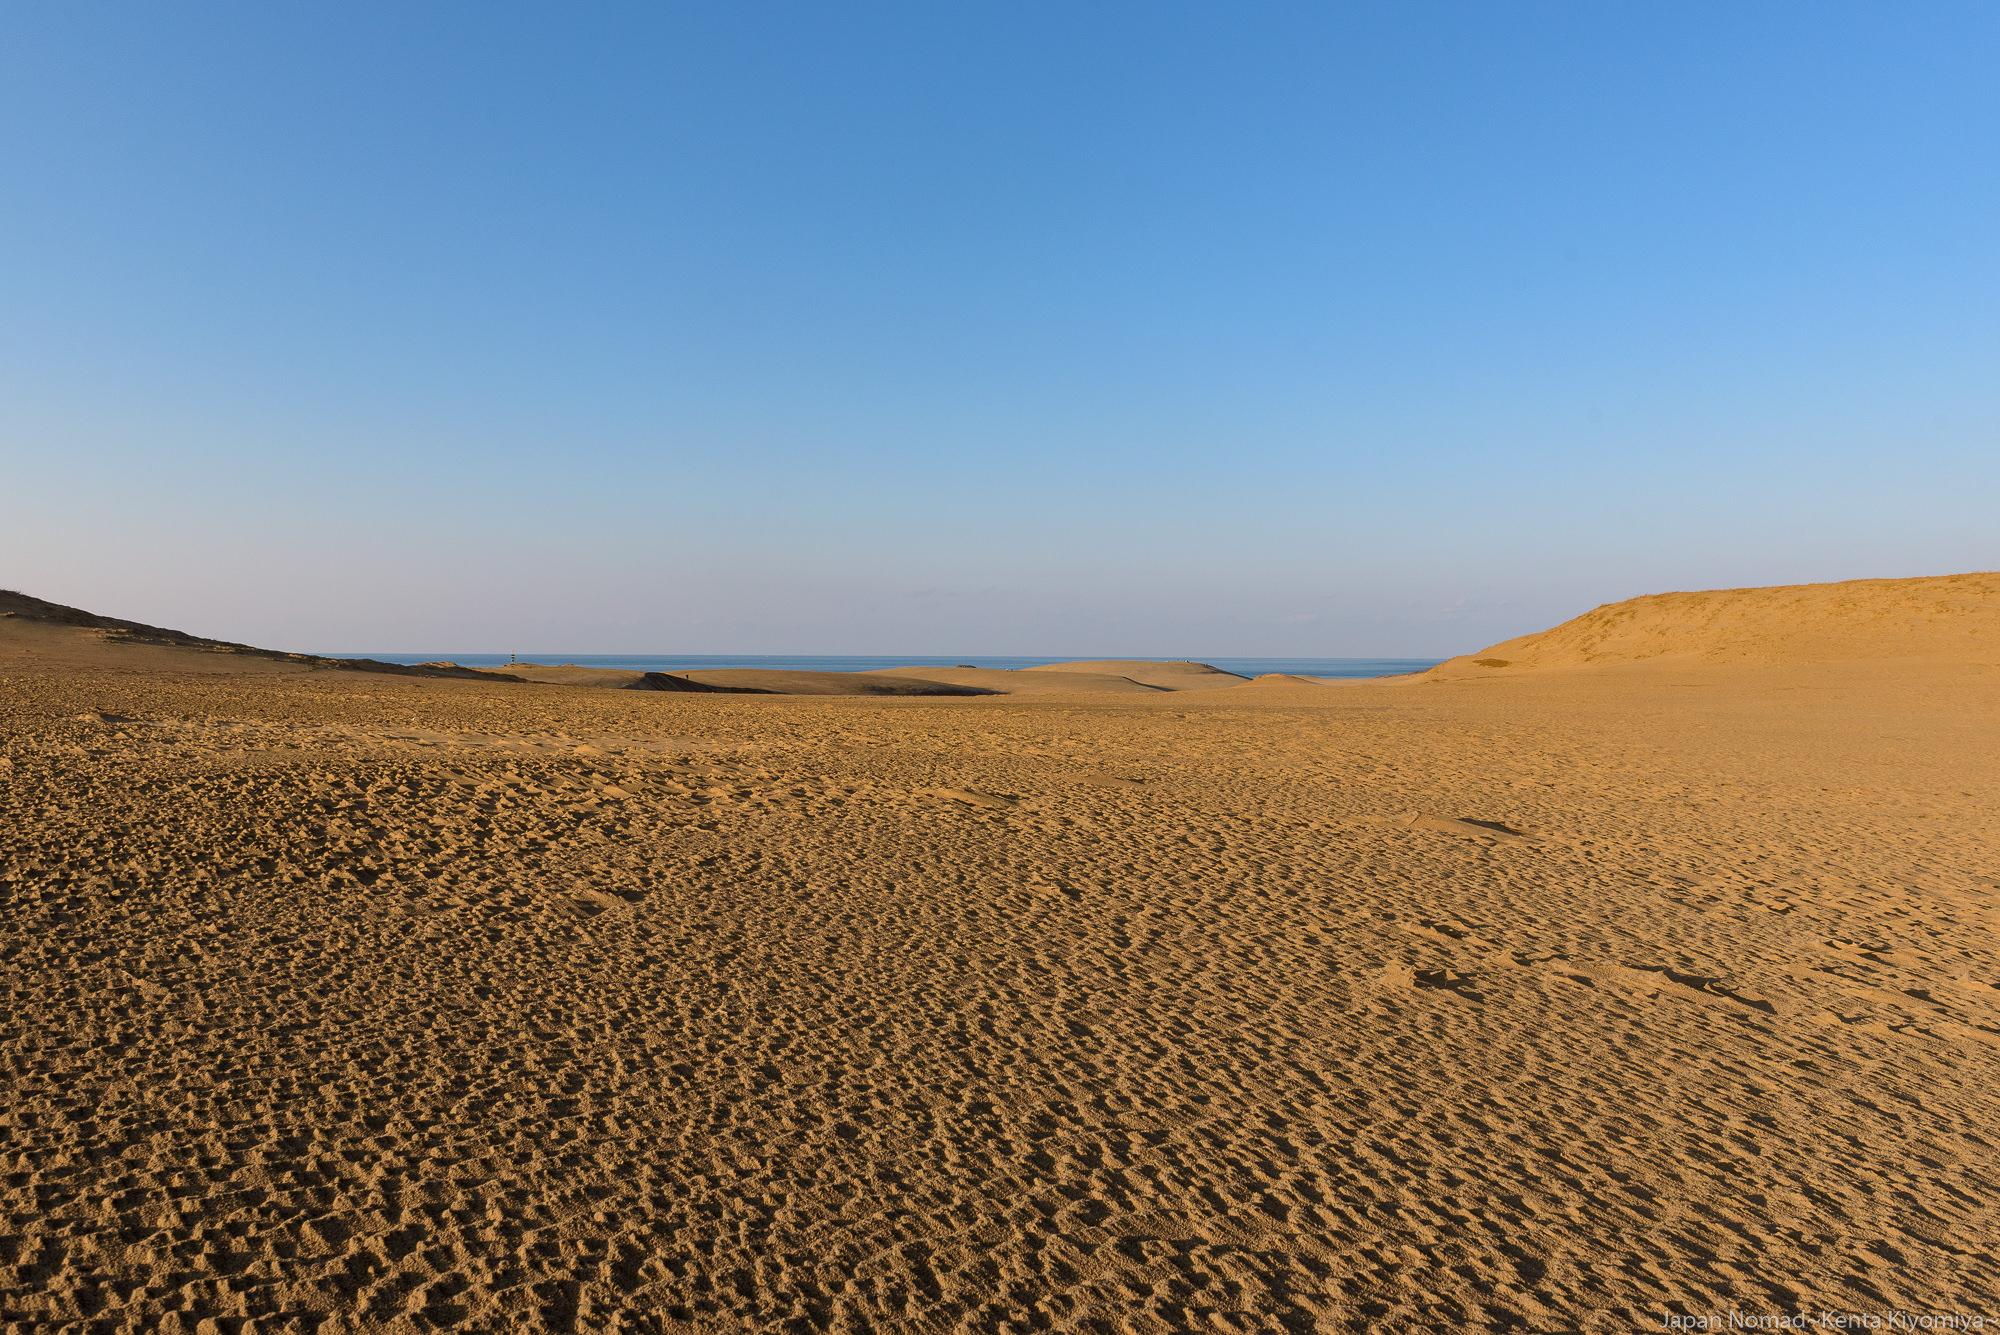 【旅168日目】鳥取砂丘の夕景